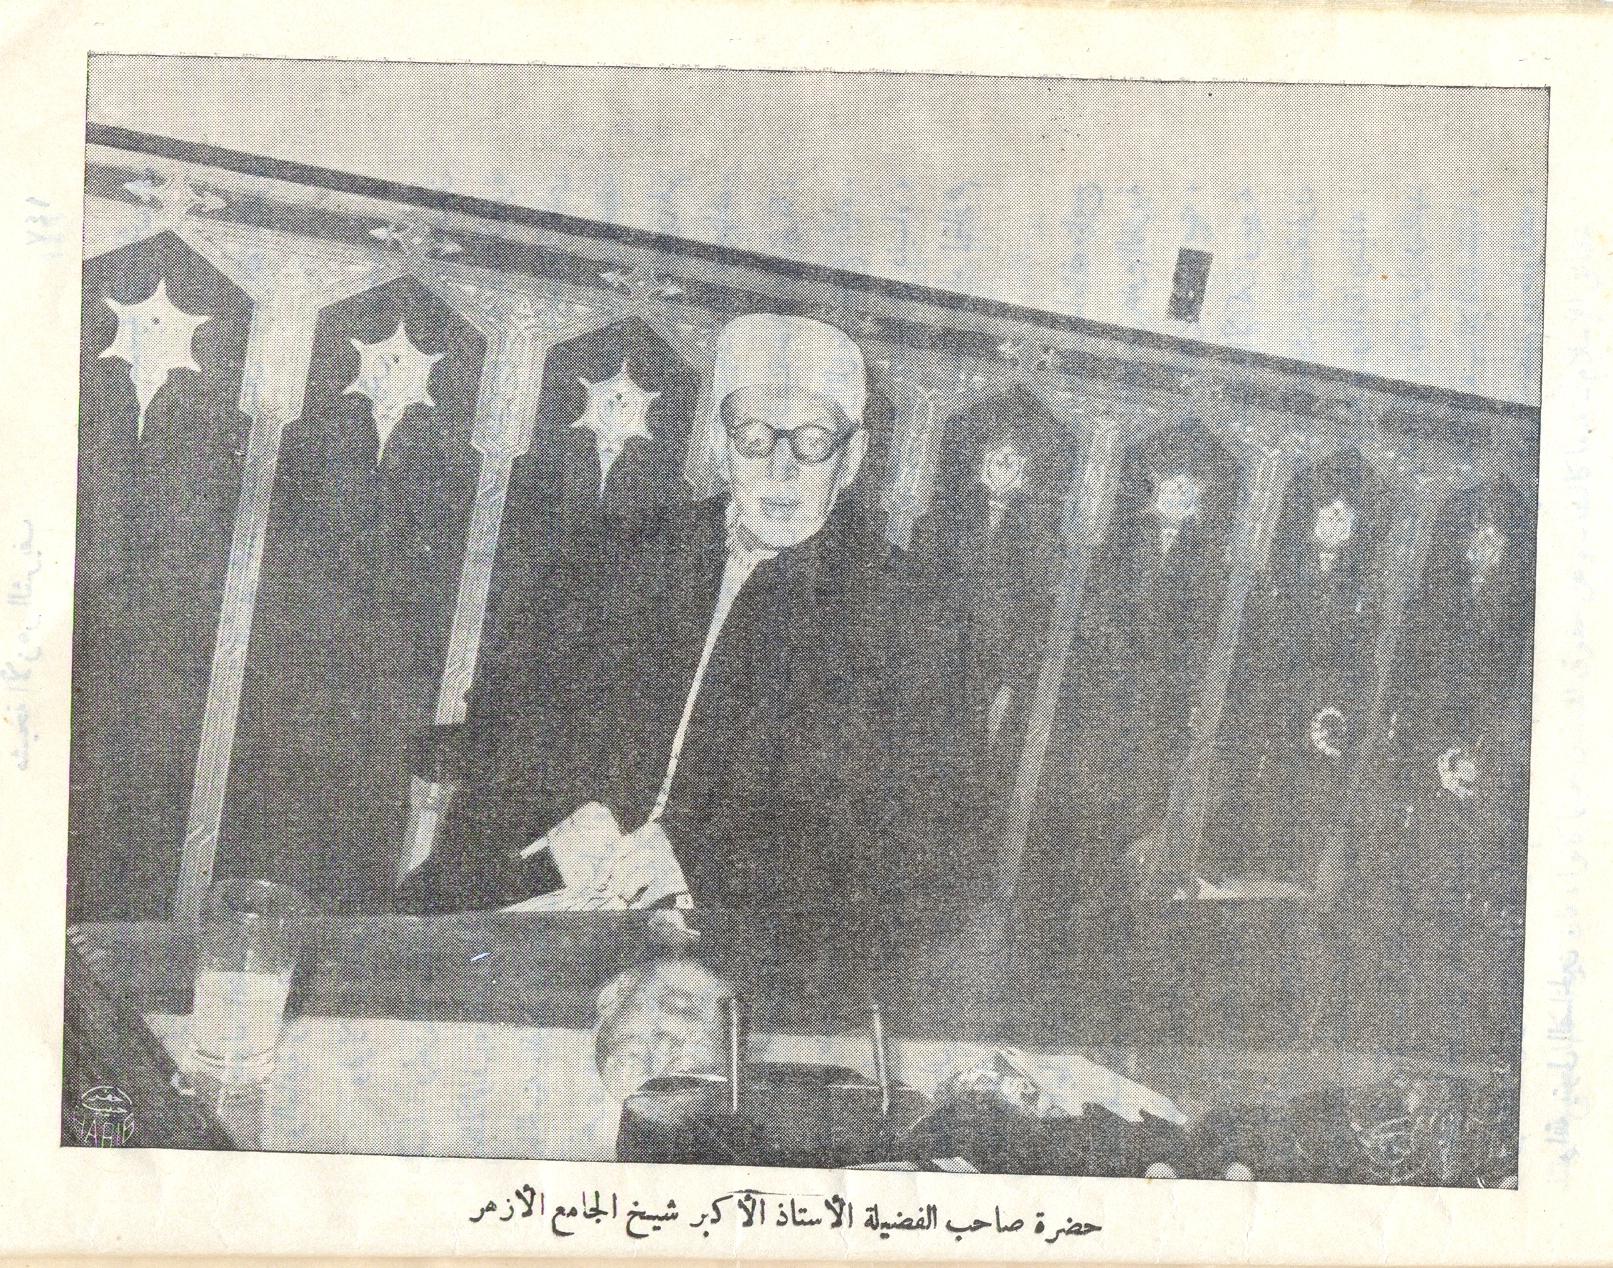 http://img.tunisie.com/pic/s/salonassmon/azhar00.jpg